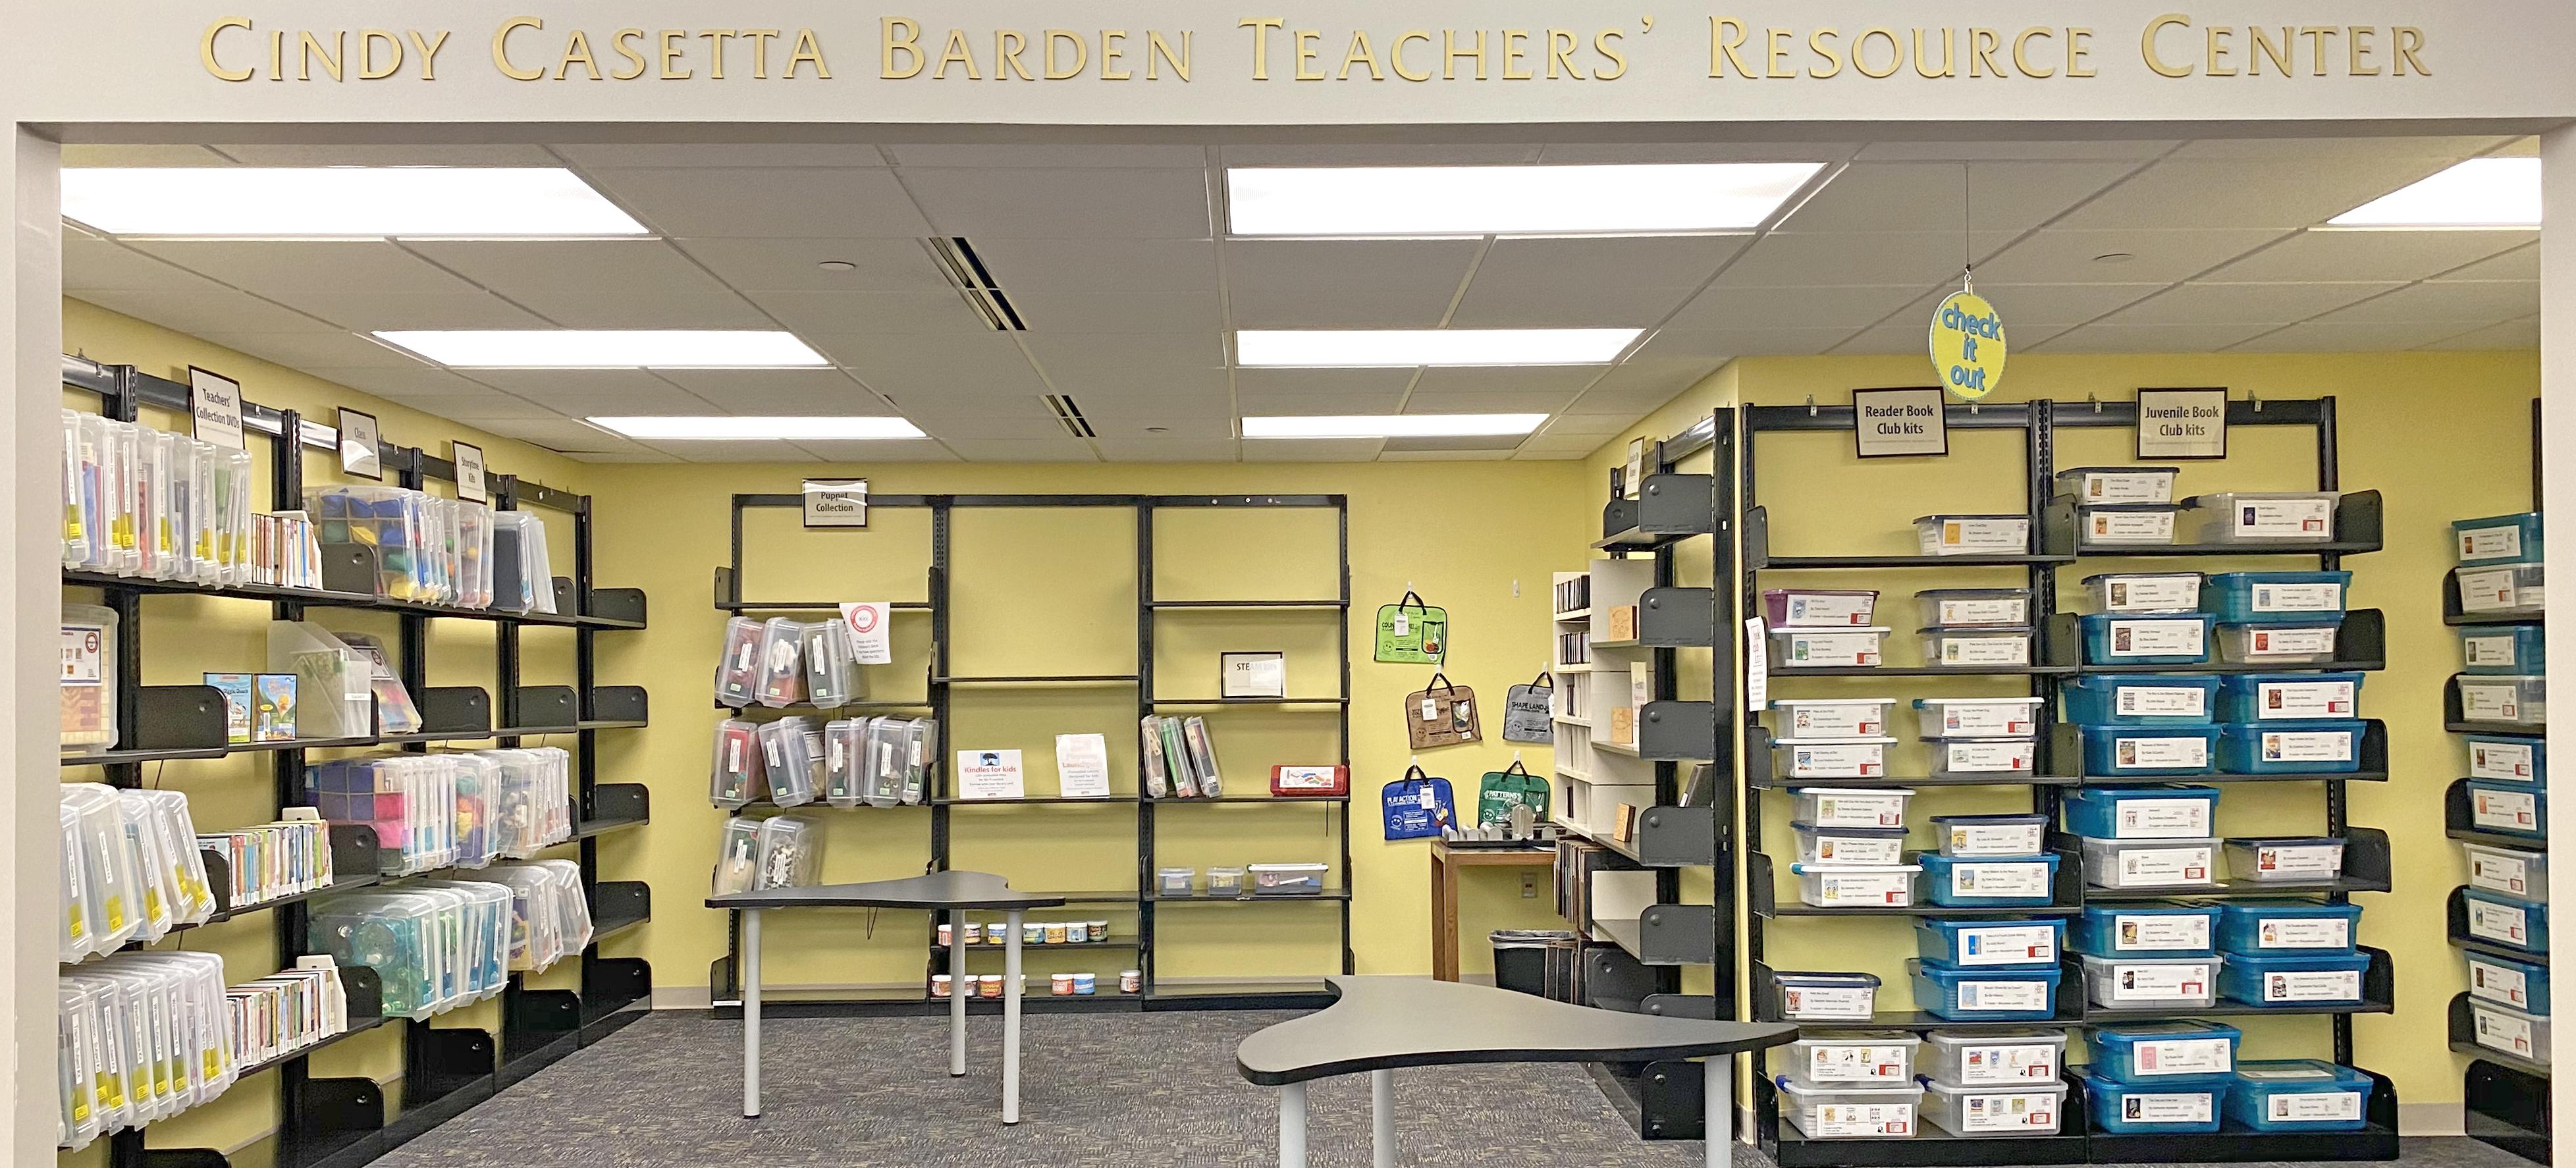 Cindy Casetta Barden Teacher Resource Center